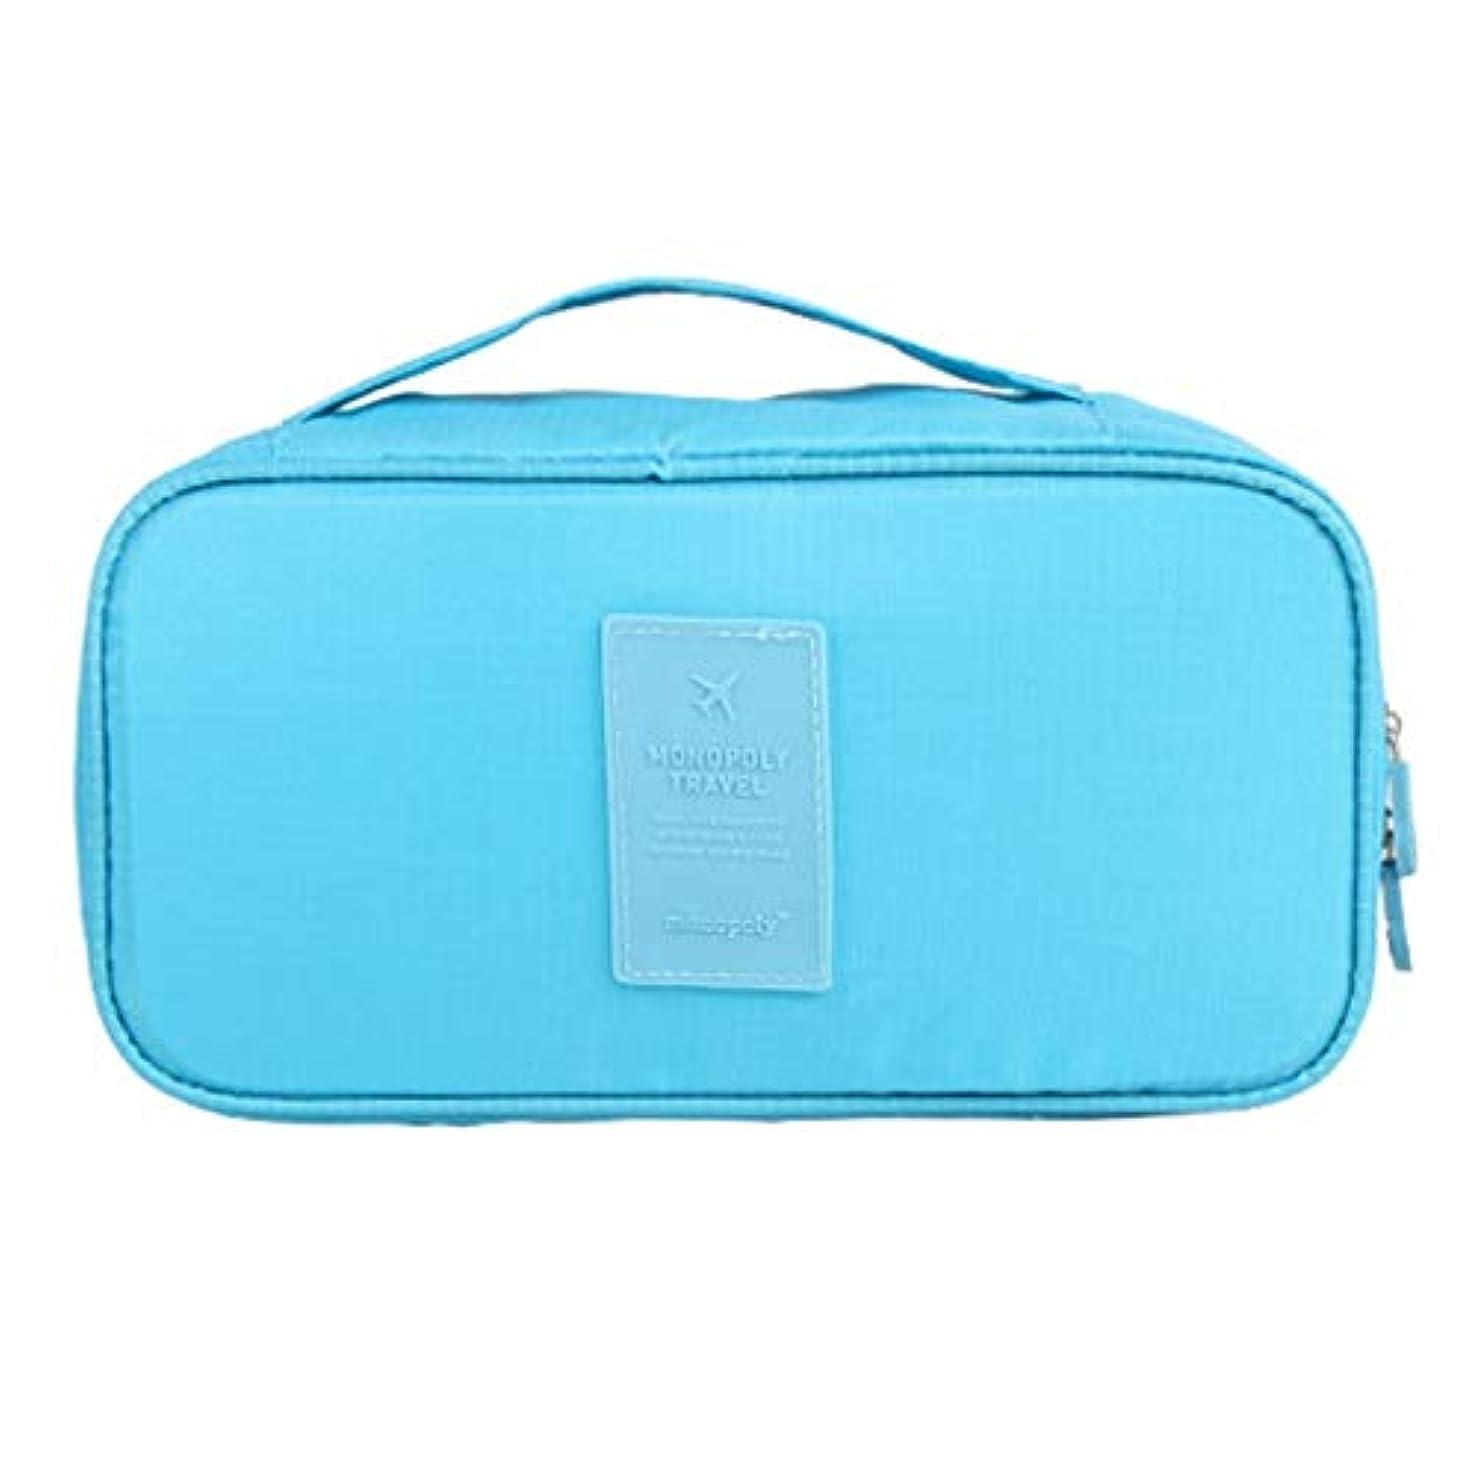 アウター餌文言化粧オーガナイザーバッグ 旅行用品旅行用シェービングヘアバッグ 化粧品ケース (色 : 青)